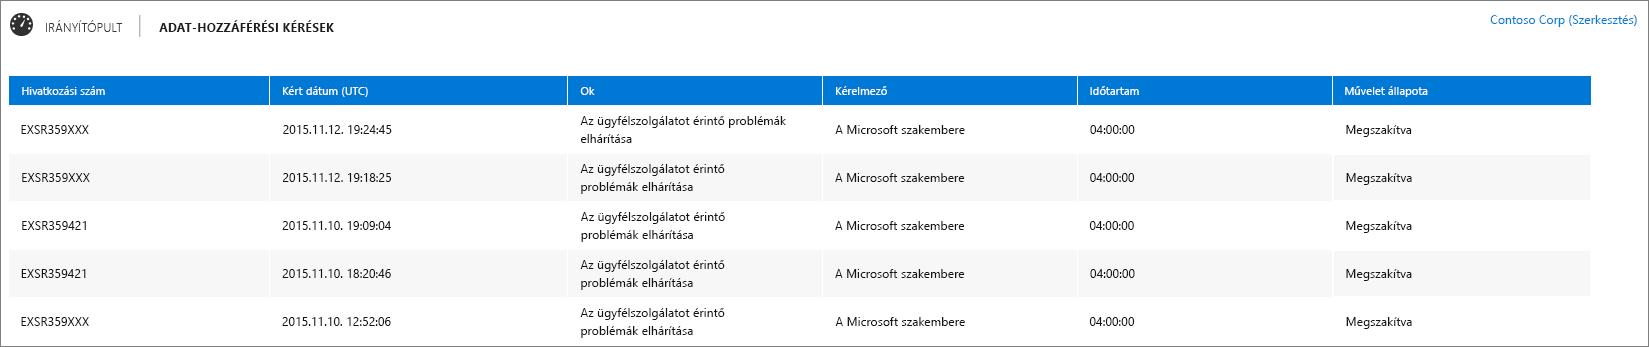 A korábbi összes adat-hozzáférési kérések listája